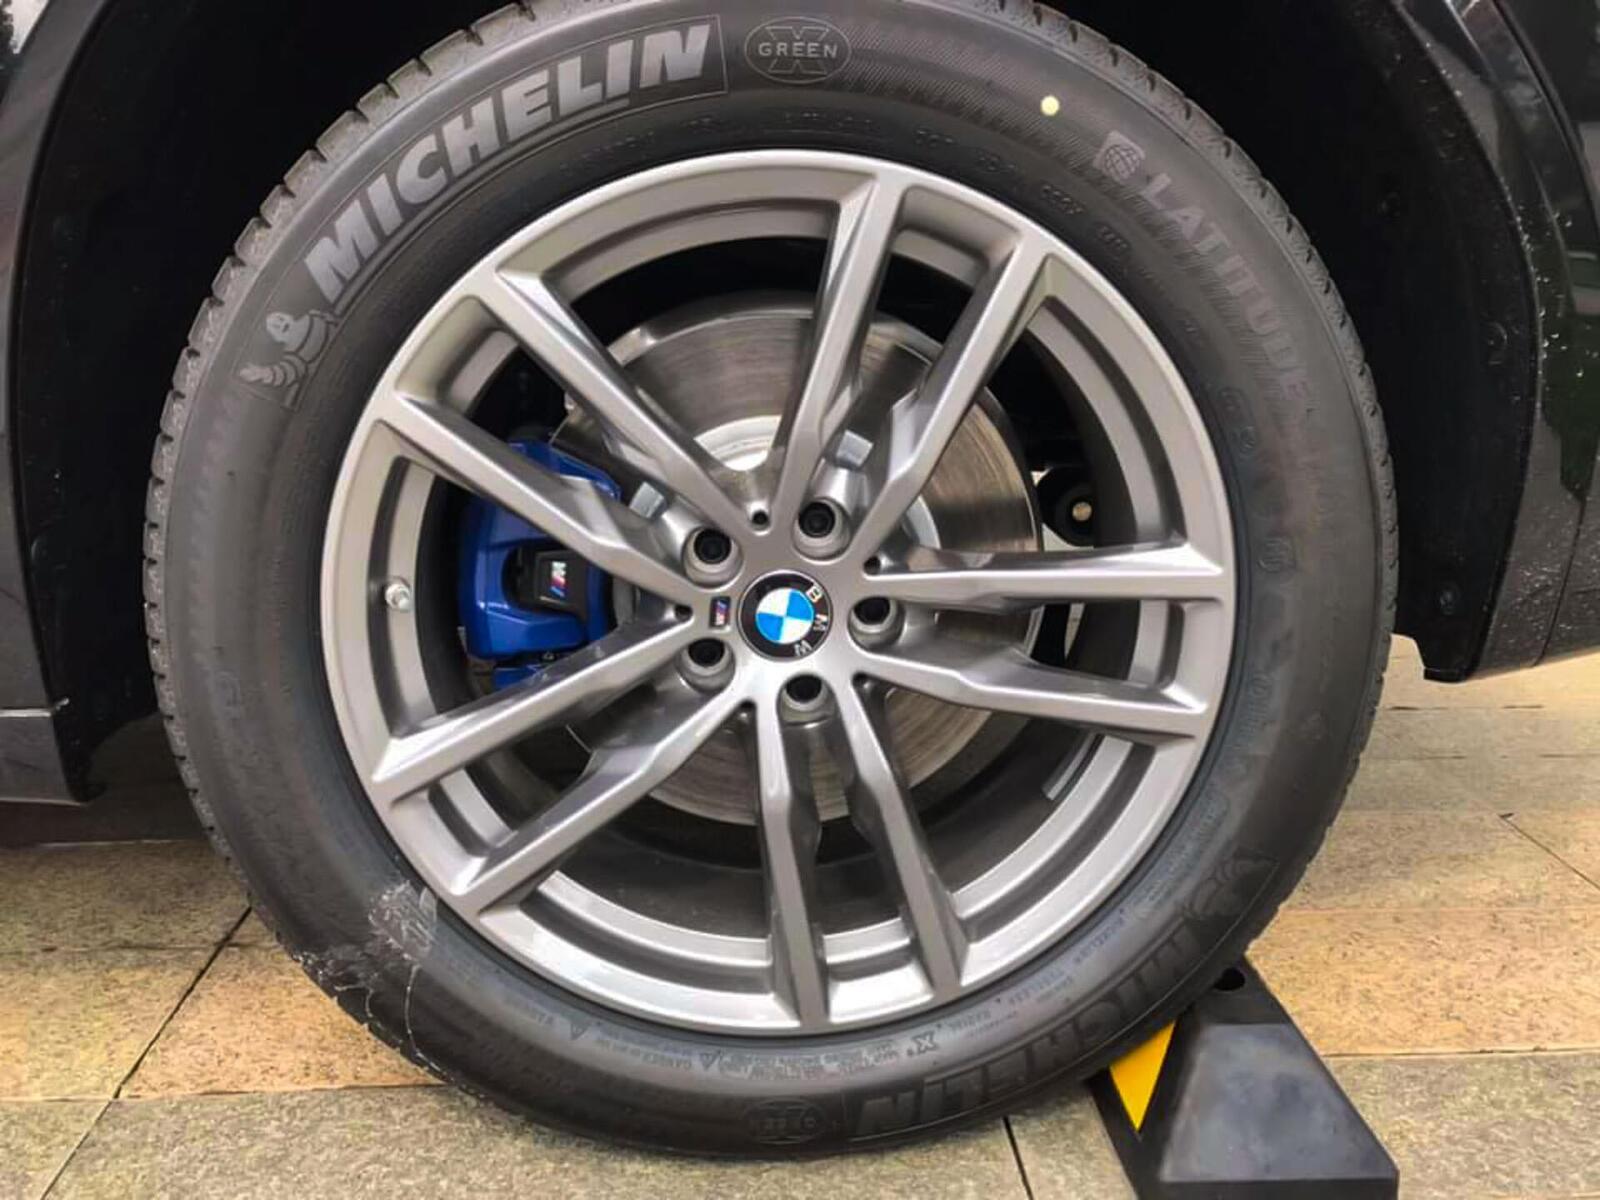 Cận cảnh BMW X3 xDrive30i phiên bản với gói trang bị thể thao M Sport, được trang bị mâm 19 inch và phanh M Sport mang hơi hướng thể thao